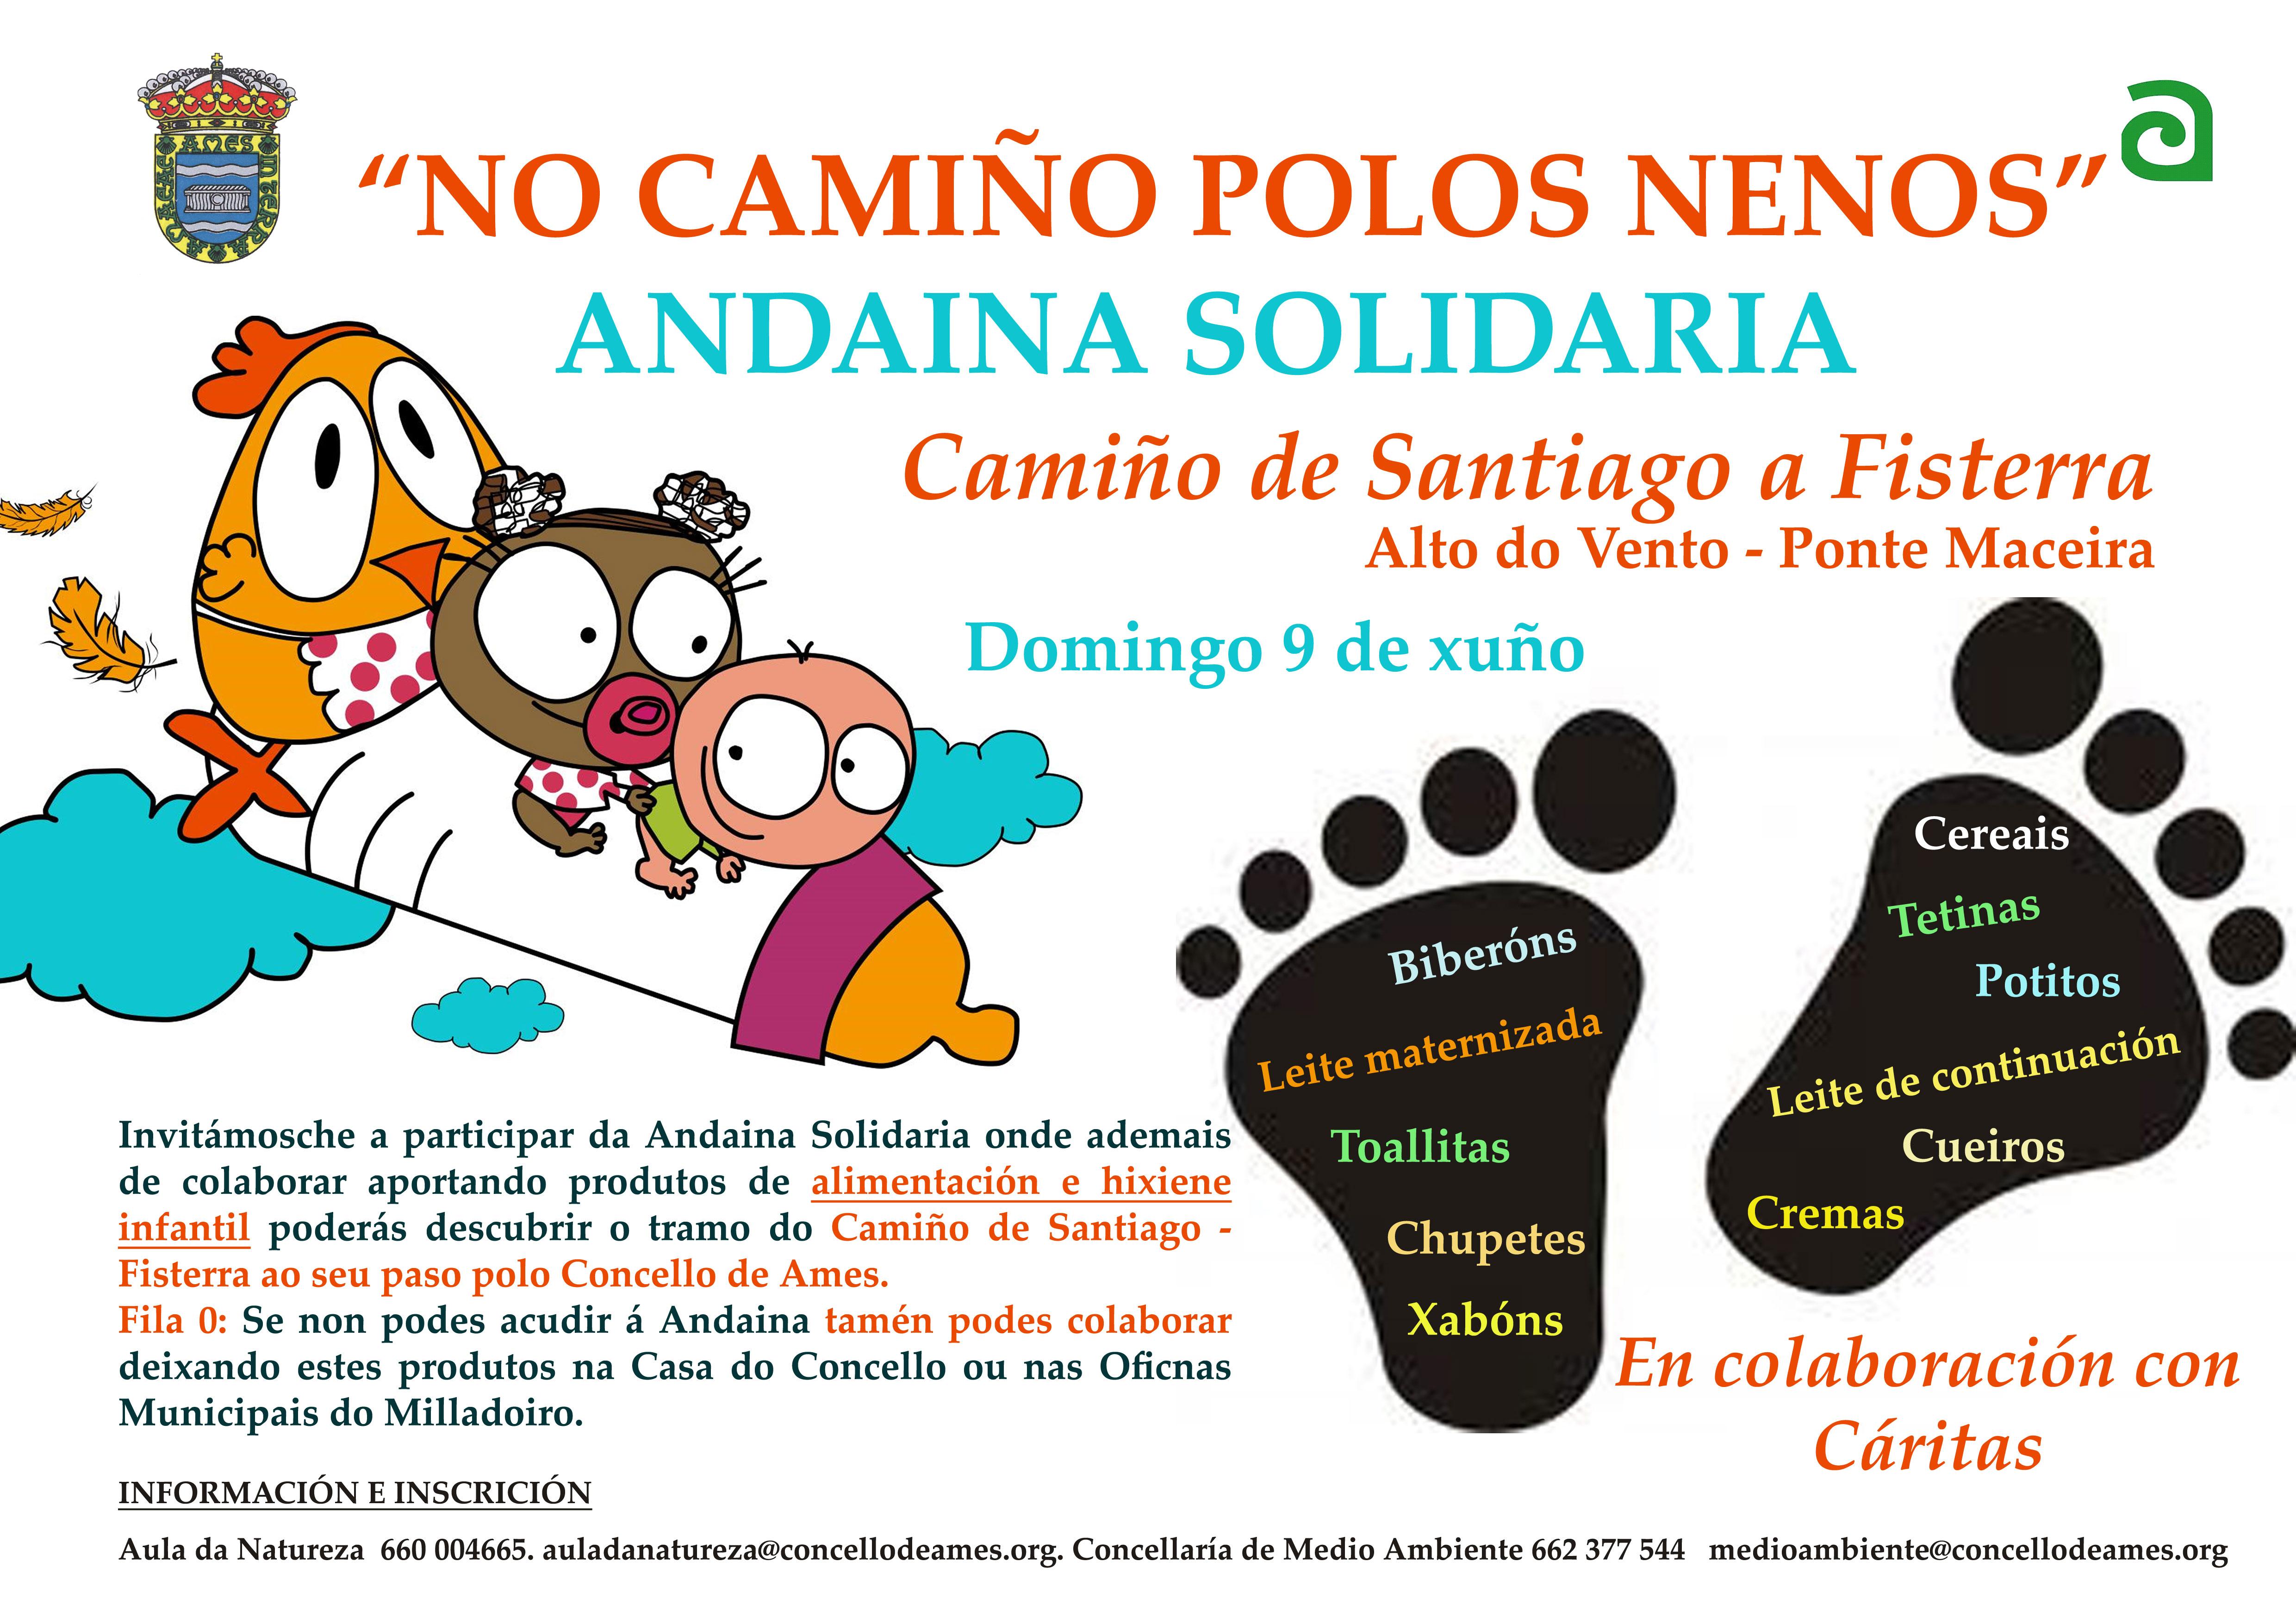 2013-Andaina-solidaria-Ames-peq